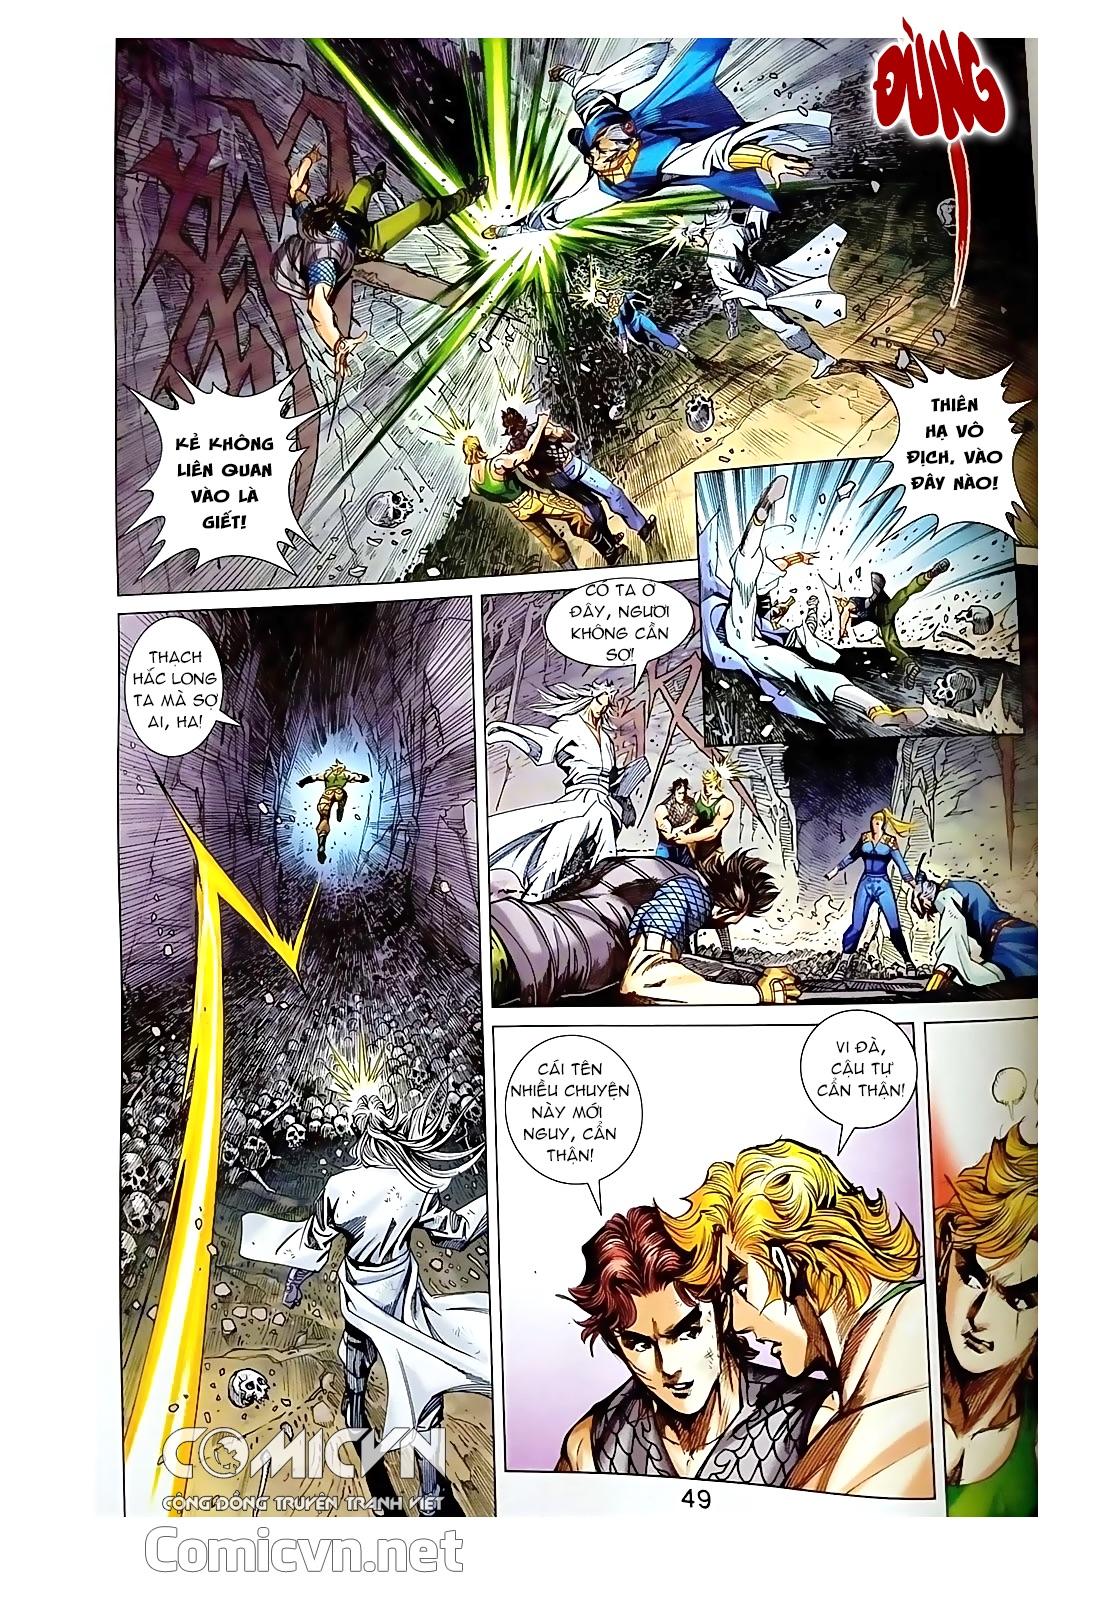 Tân Tác Long Hổ Môn chap 871.2 - Trang 2